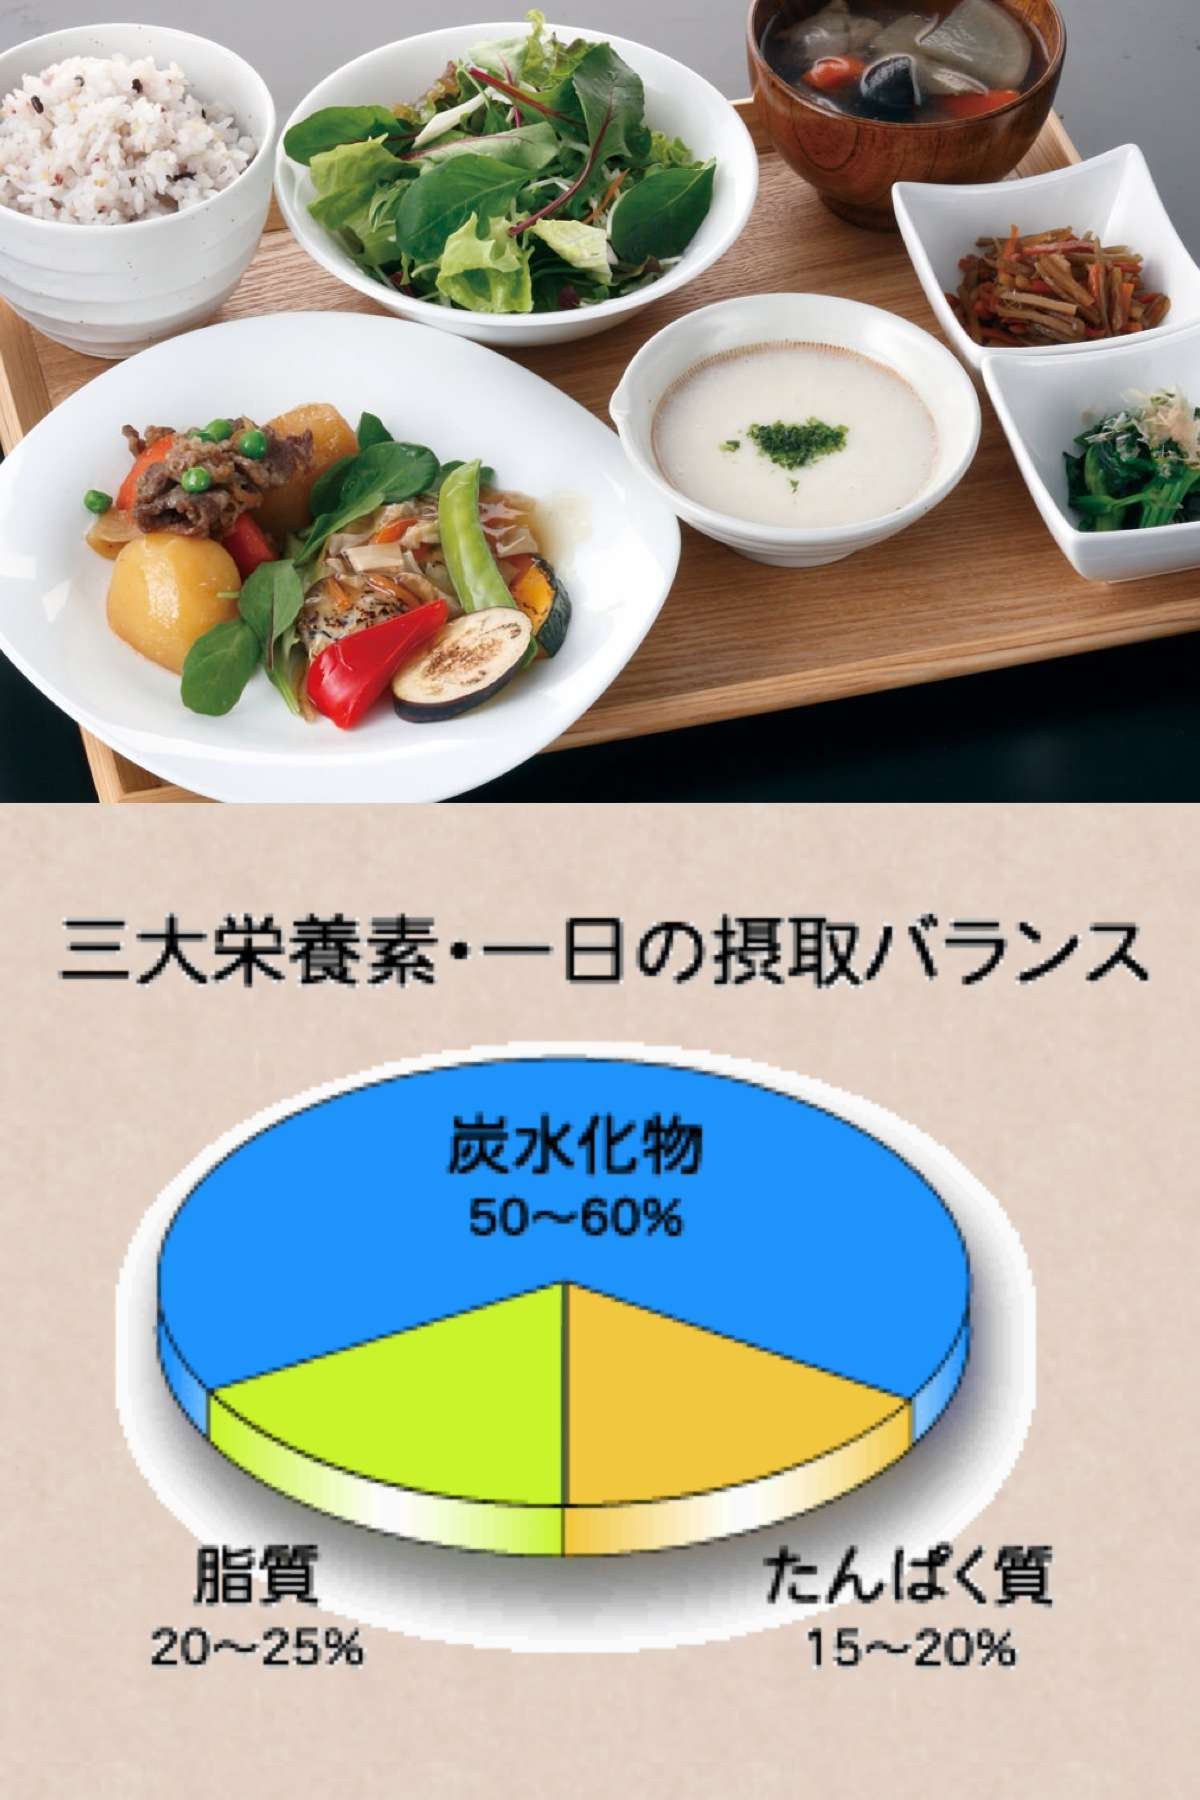 糖質が多くて 脂質が少ない和食の写真と含まれる3大栄養素の比率を示すグラフ